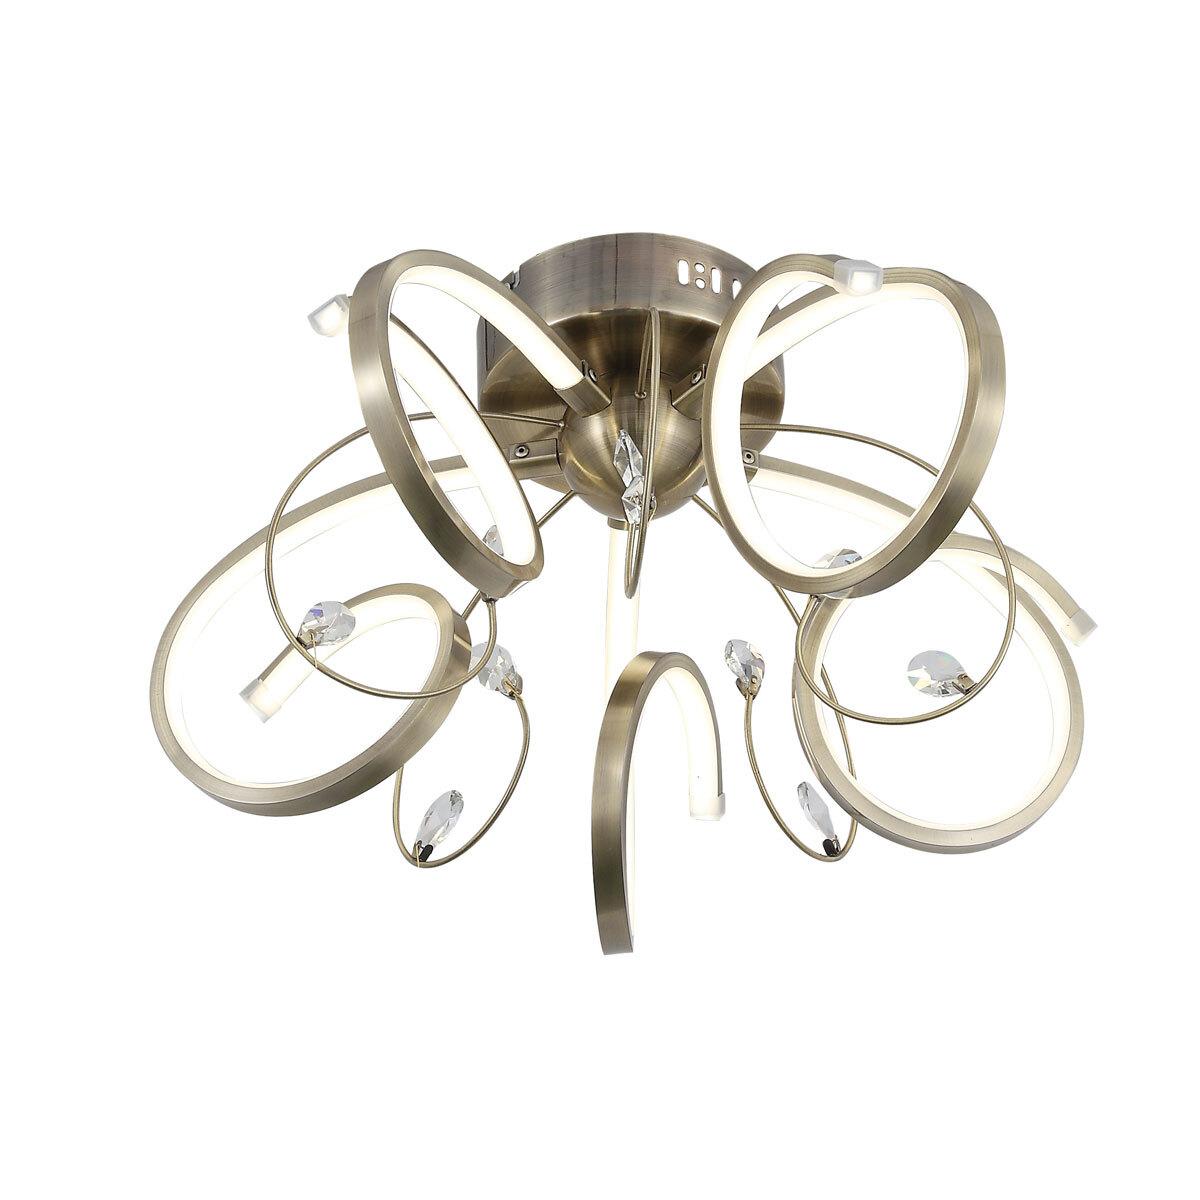 Потолочный светильник ST Luce SL399.302.05-STLuce, LED, 70 Вт